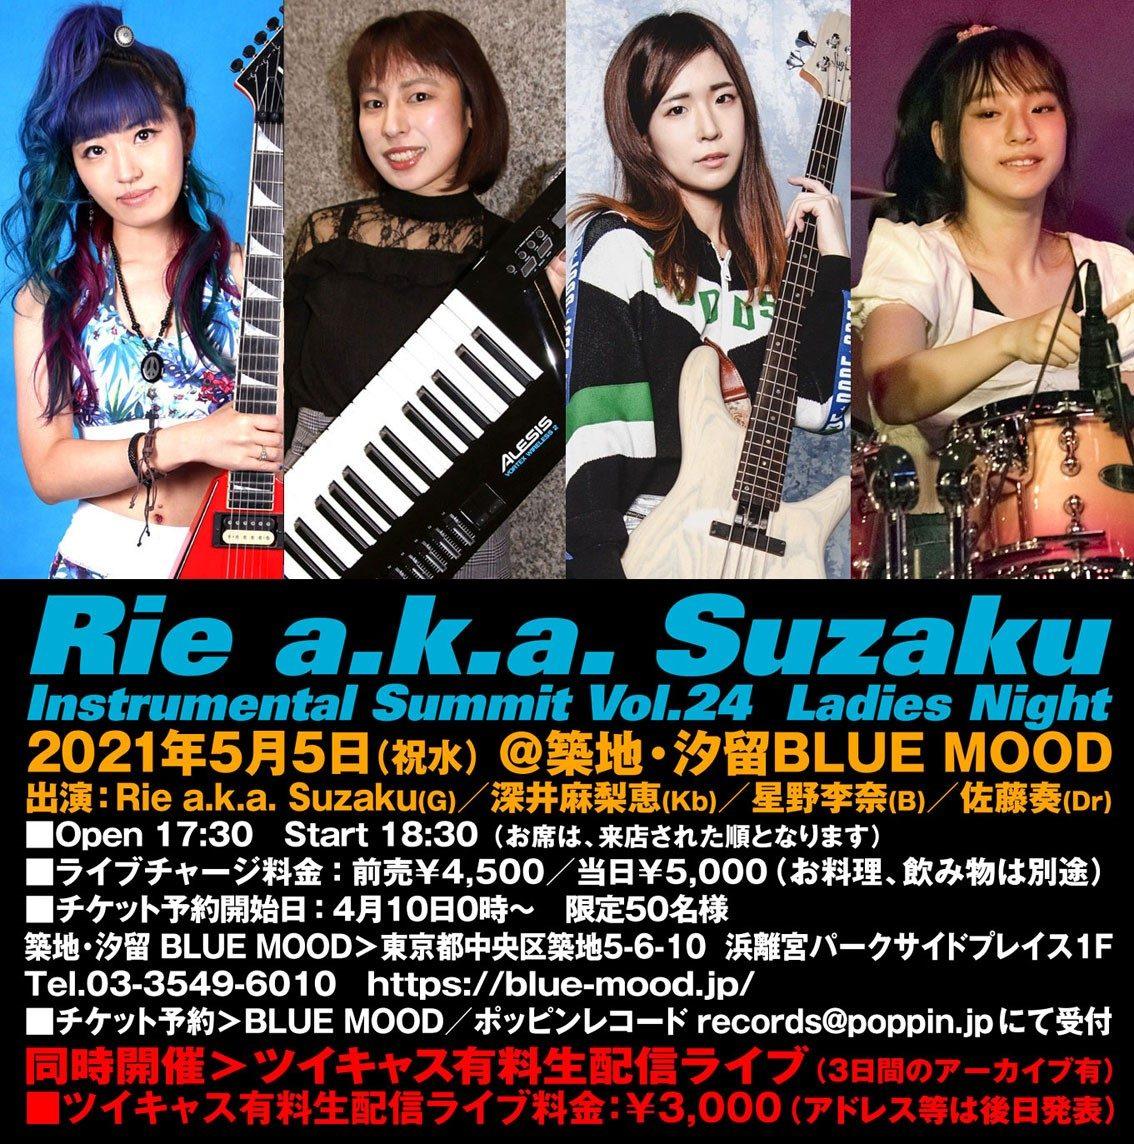 Rie a.k.a. Suzaku Instrumental Summit Vol.24 Ladies Night